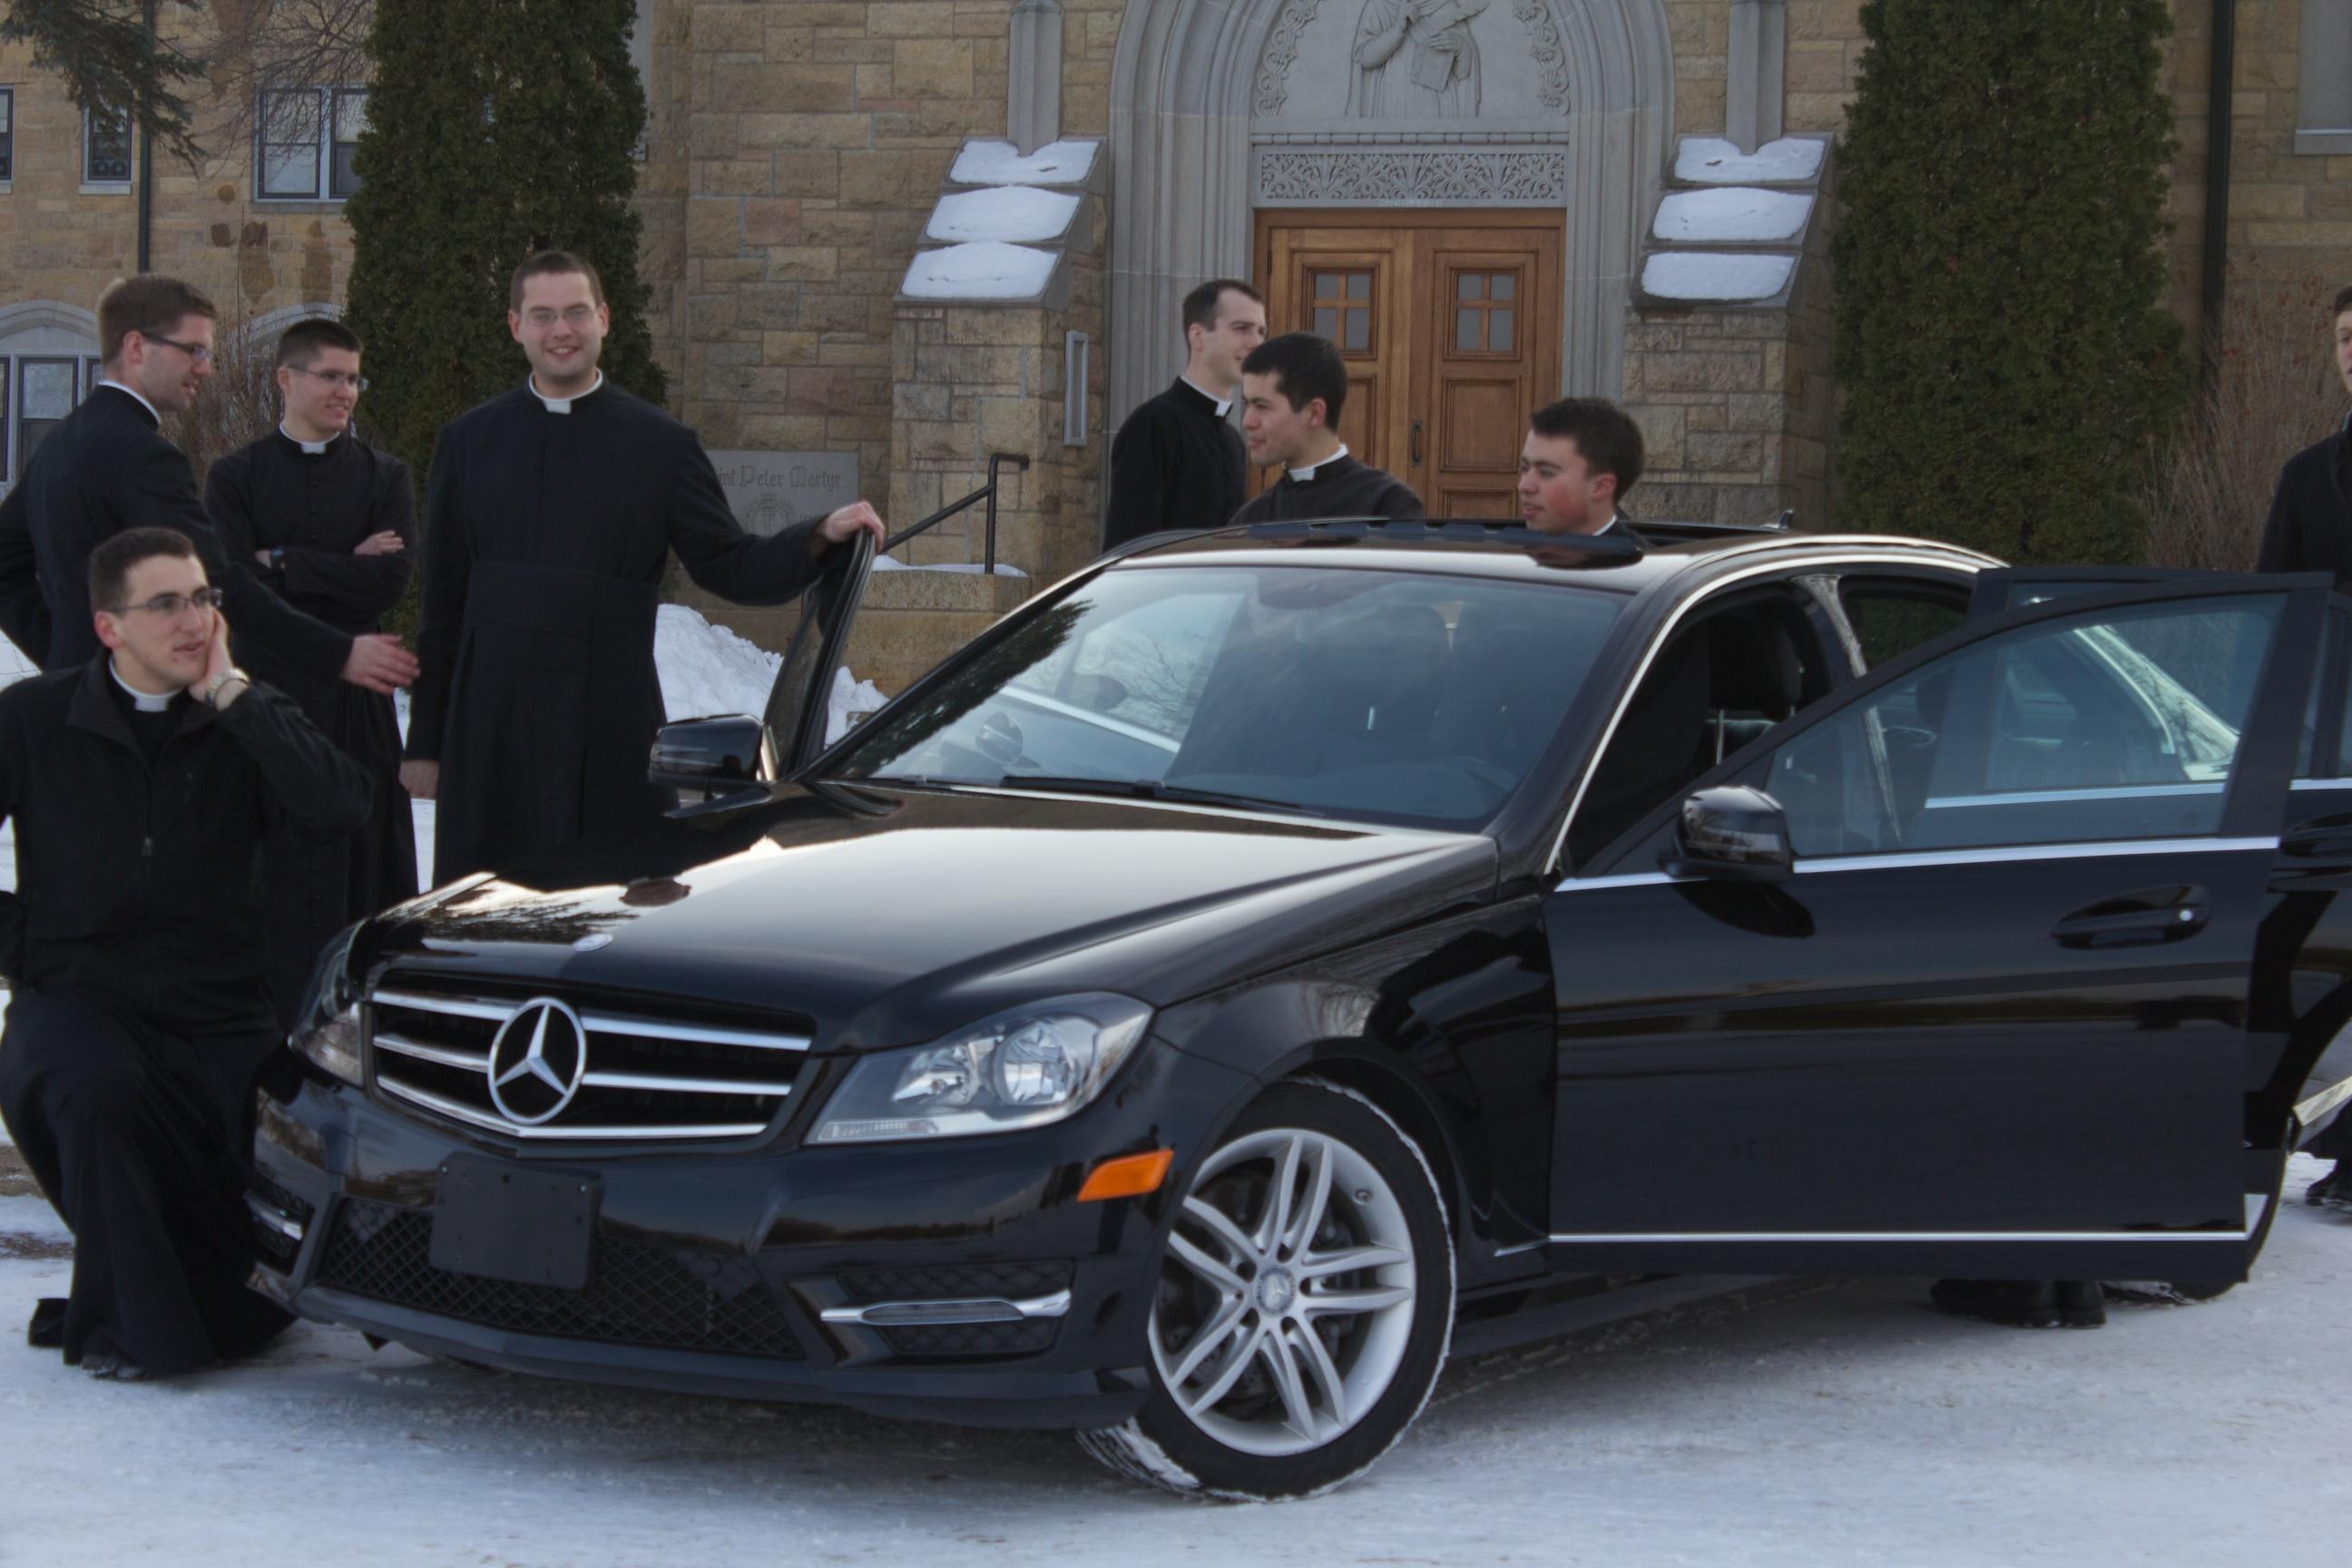 Mercedes C300 4matic >> Mercedes-Benz C300 4matic - St. Thomas Aquinas Seminary